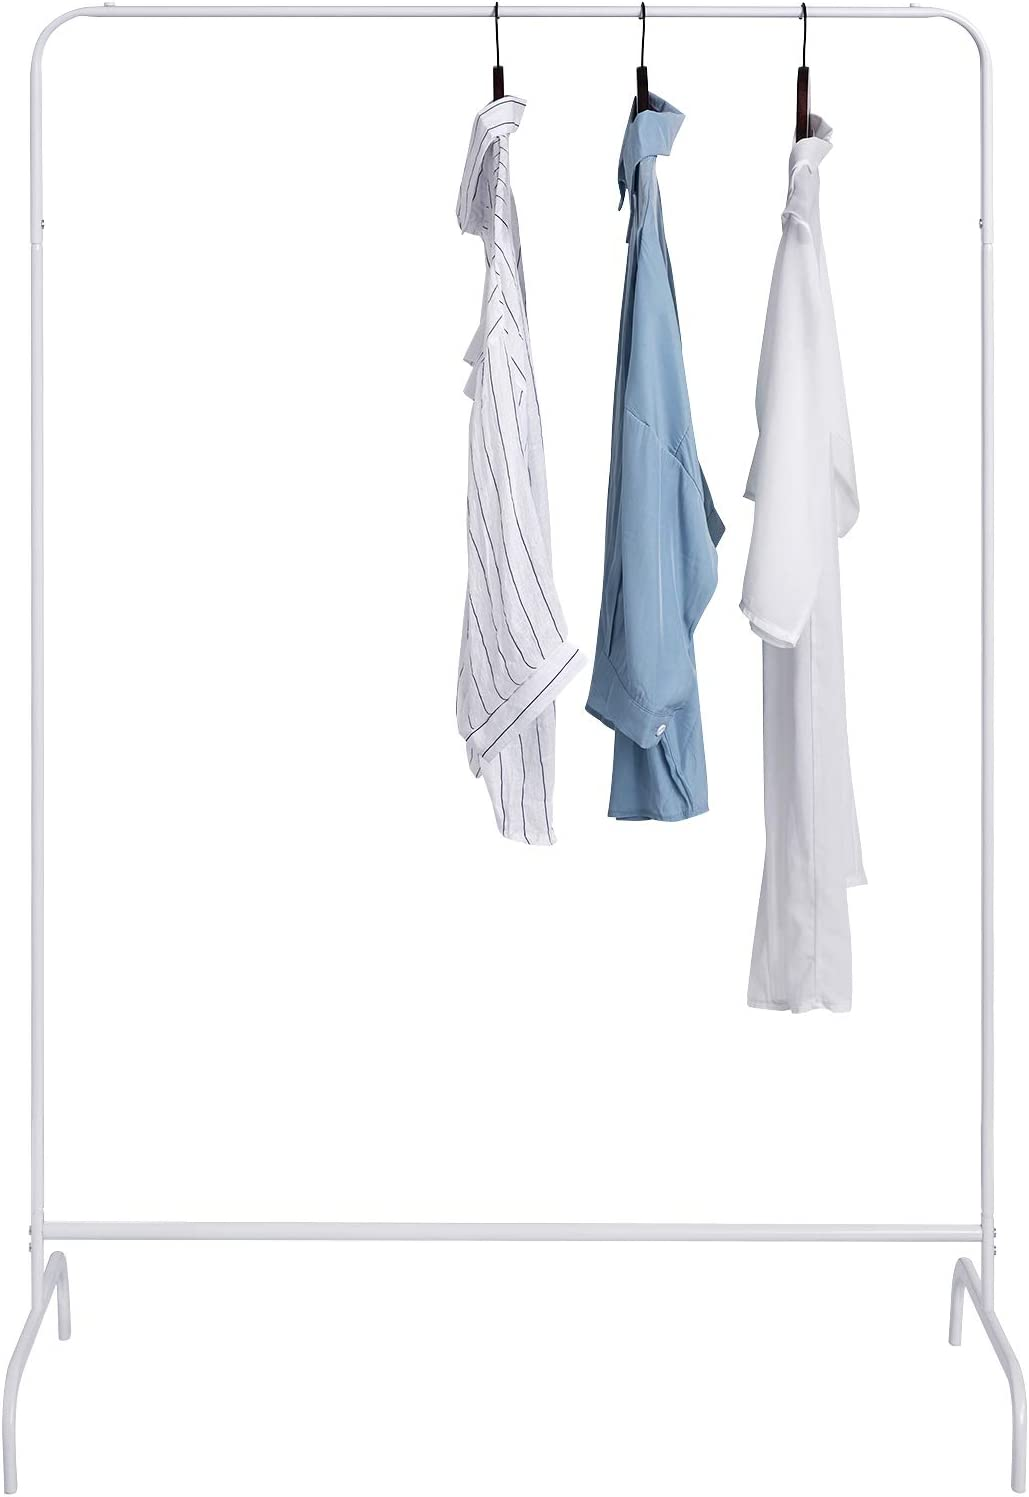 Blanc EUGAD 0142XJYJ Porte-Manteau Portant t/élescopique en m/étal 1 Tringle 99x46x153cm